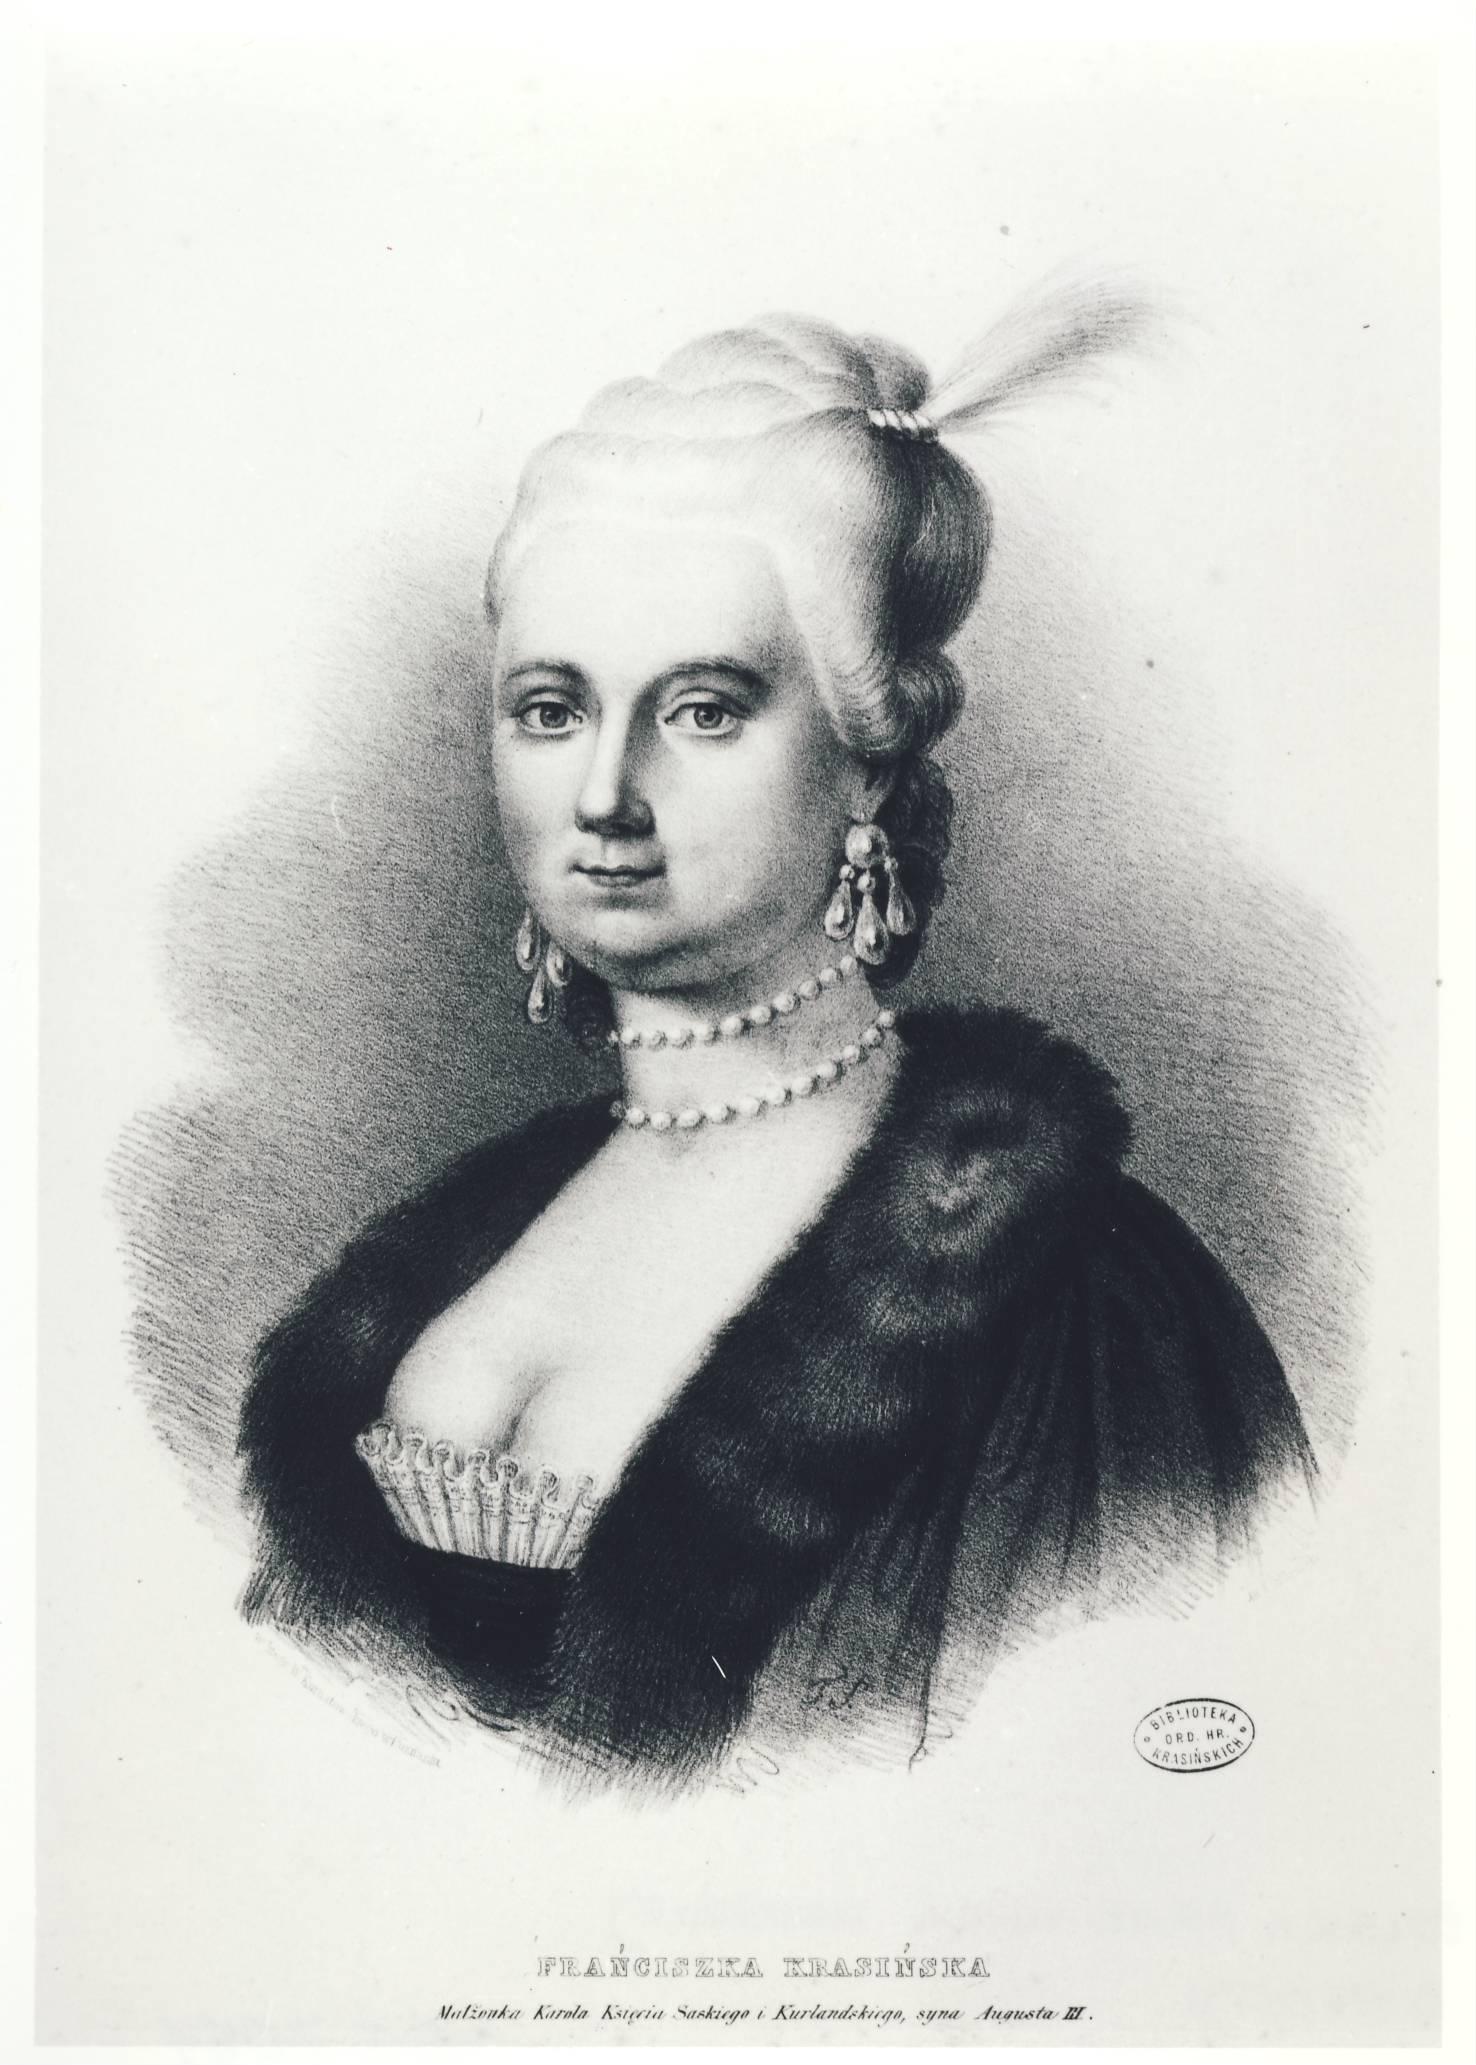 44_franciszka krasińska, polska prababka włoskiej dynastii.jpg